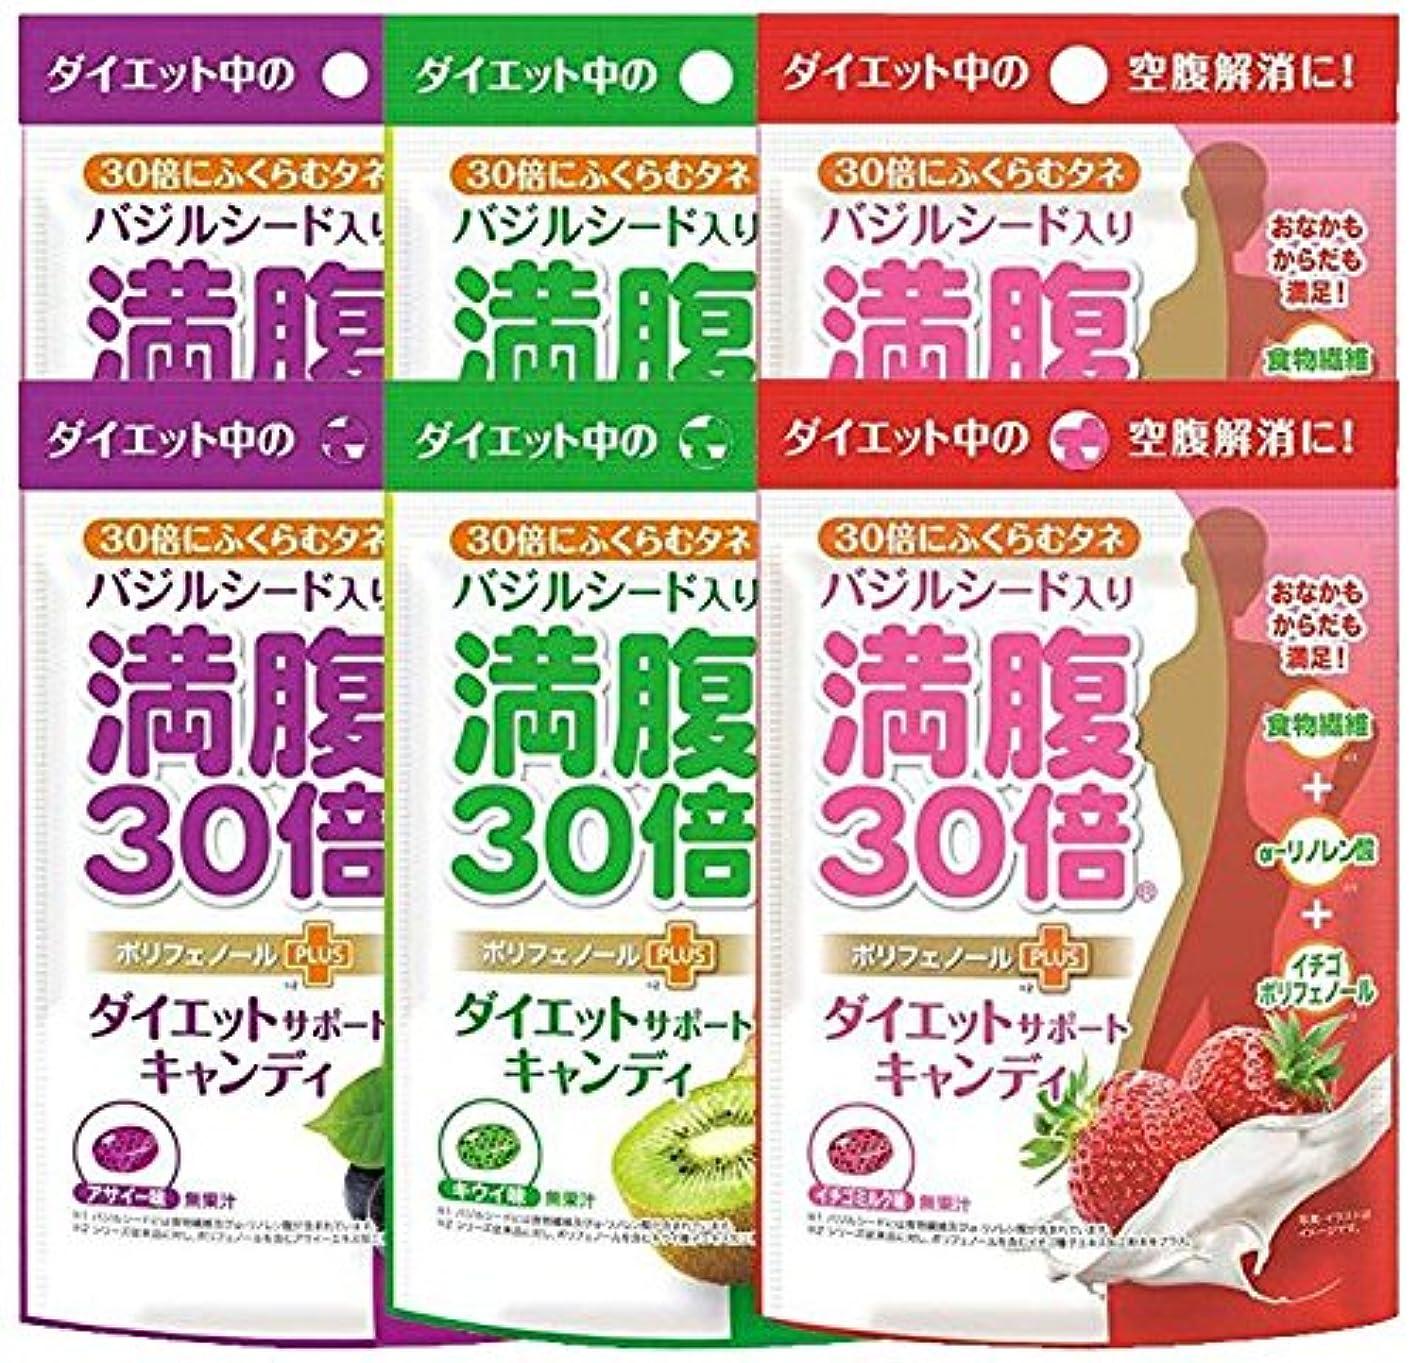 強打簡略化するキャッシュ満腹30倍 ダイエットサポートキャンディ 3種アソート( アサイー キウイ イチゴミルク 各2袋) 6袋